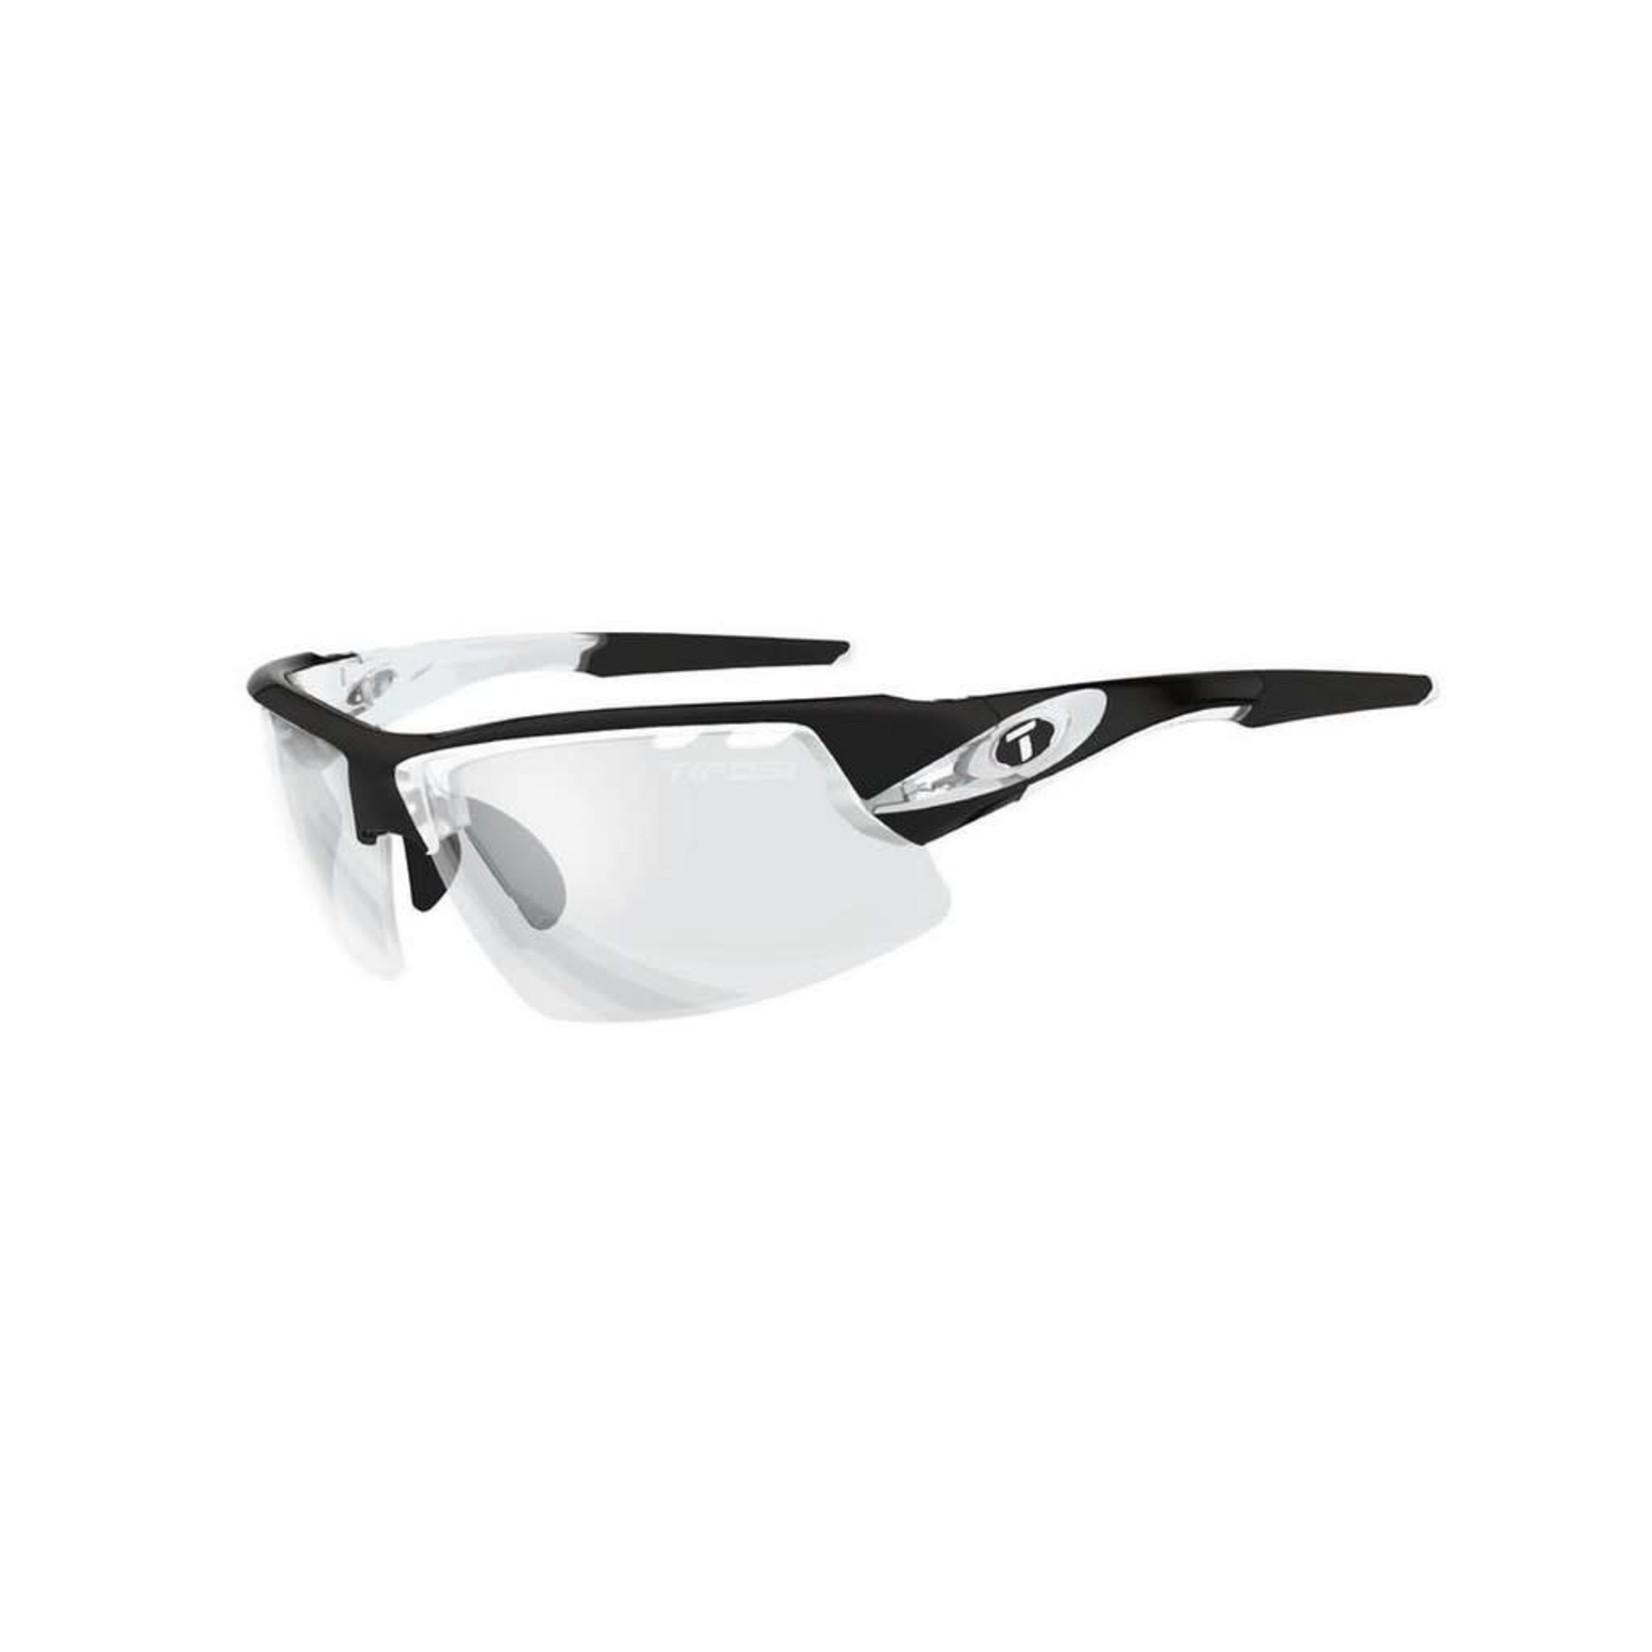 TIFOSI OPTICS Sunglasses Tifosi Crit Crystal Black Fototec